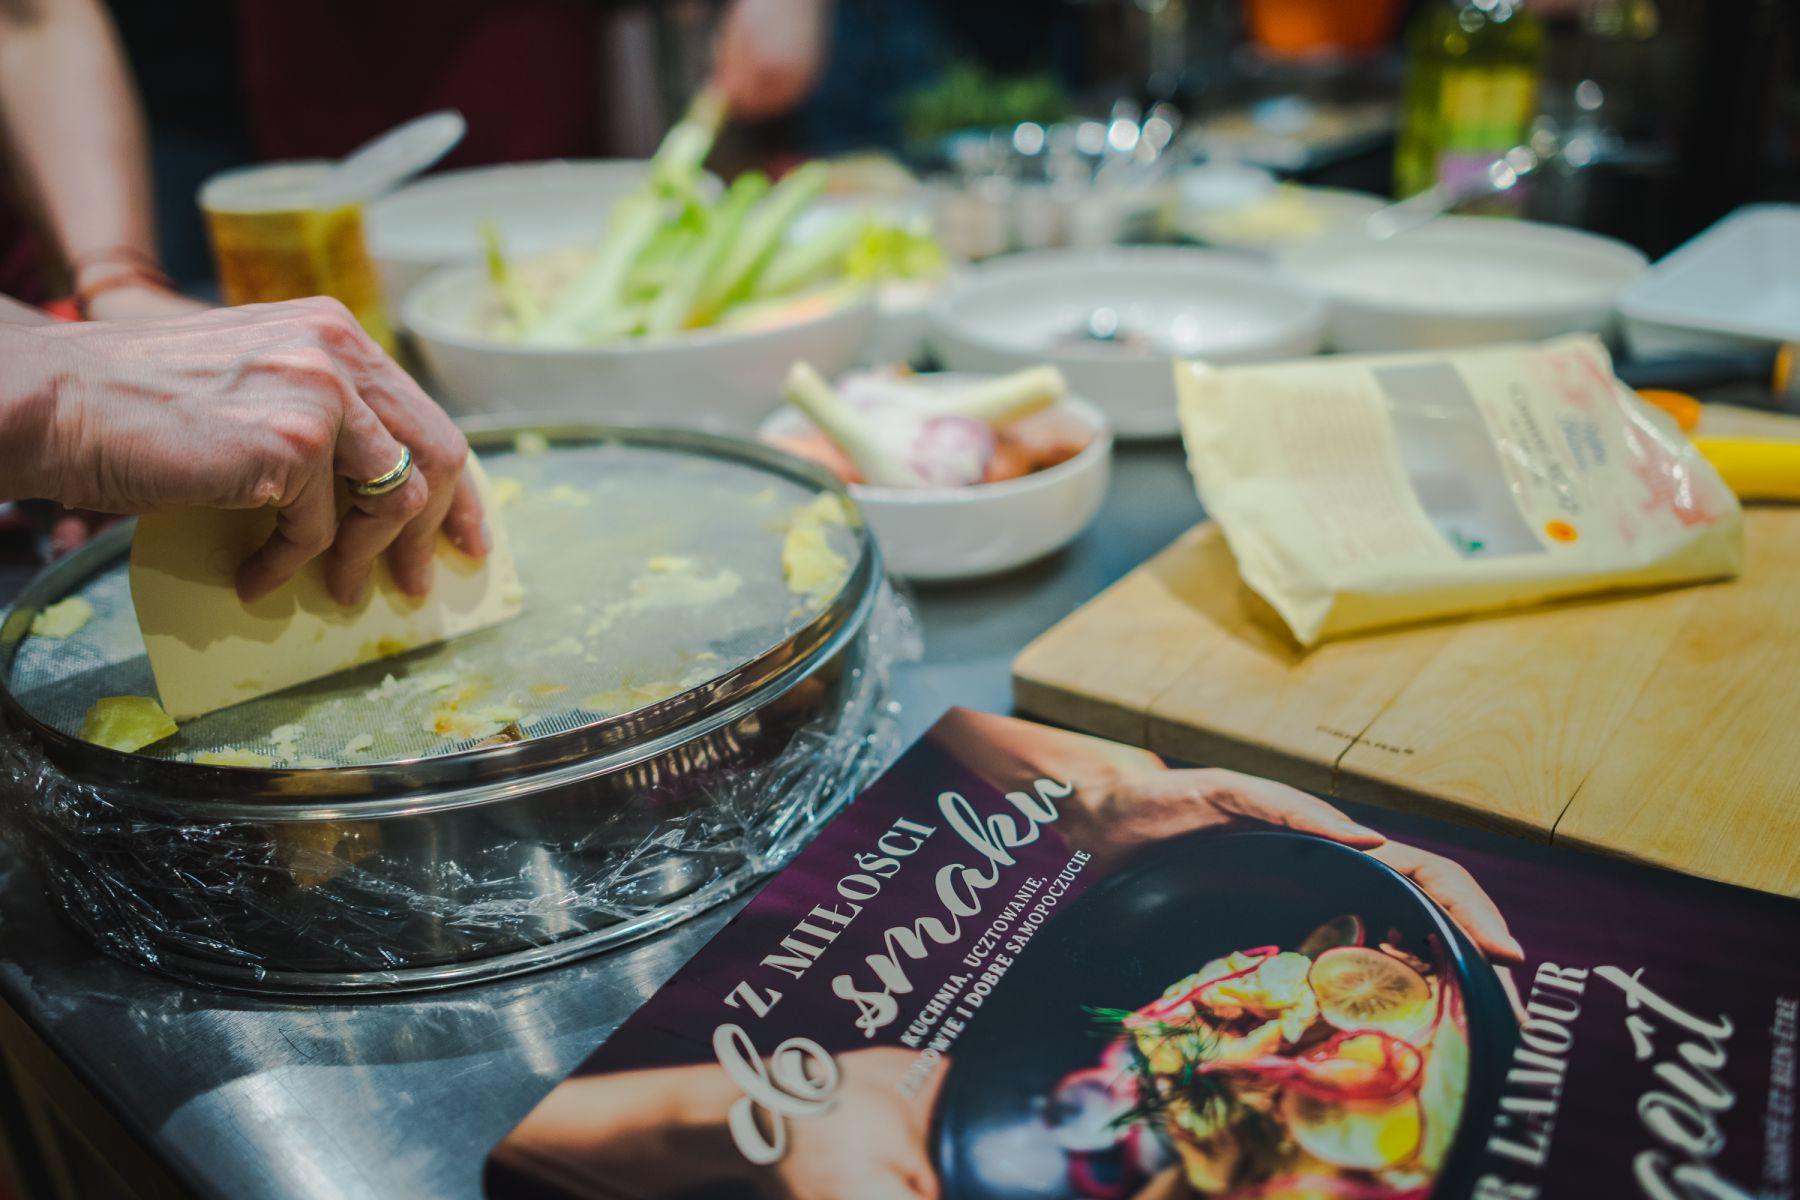 przepisy kuchni francuskiej